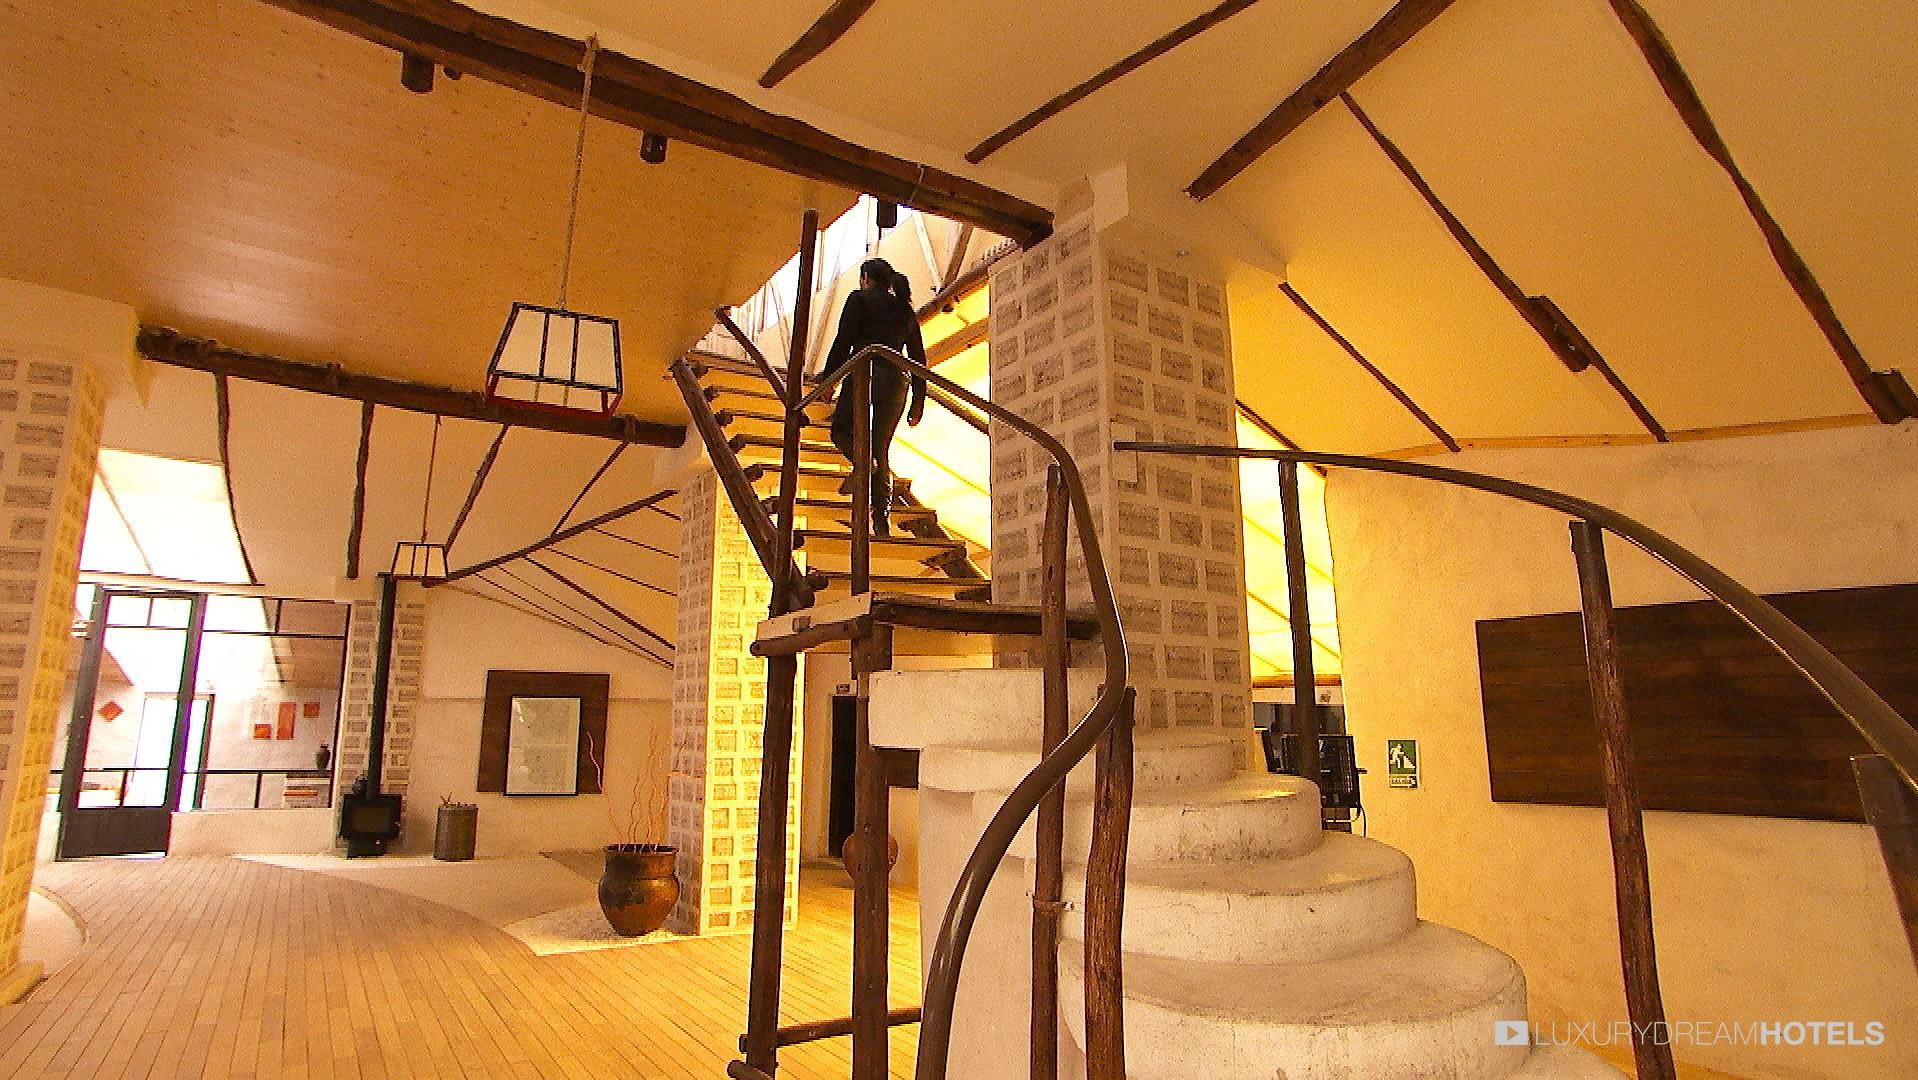 Palacio de Sal lobby and stairs